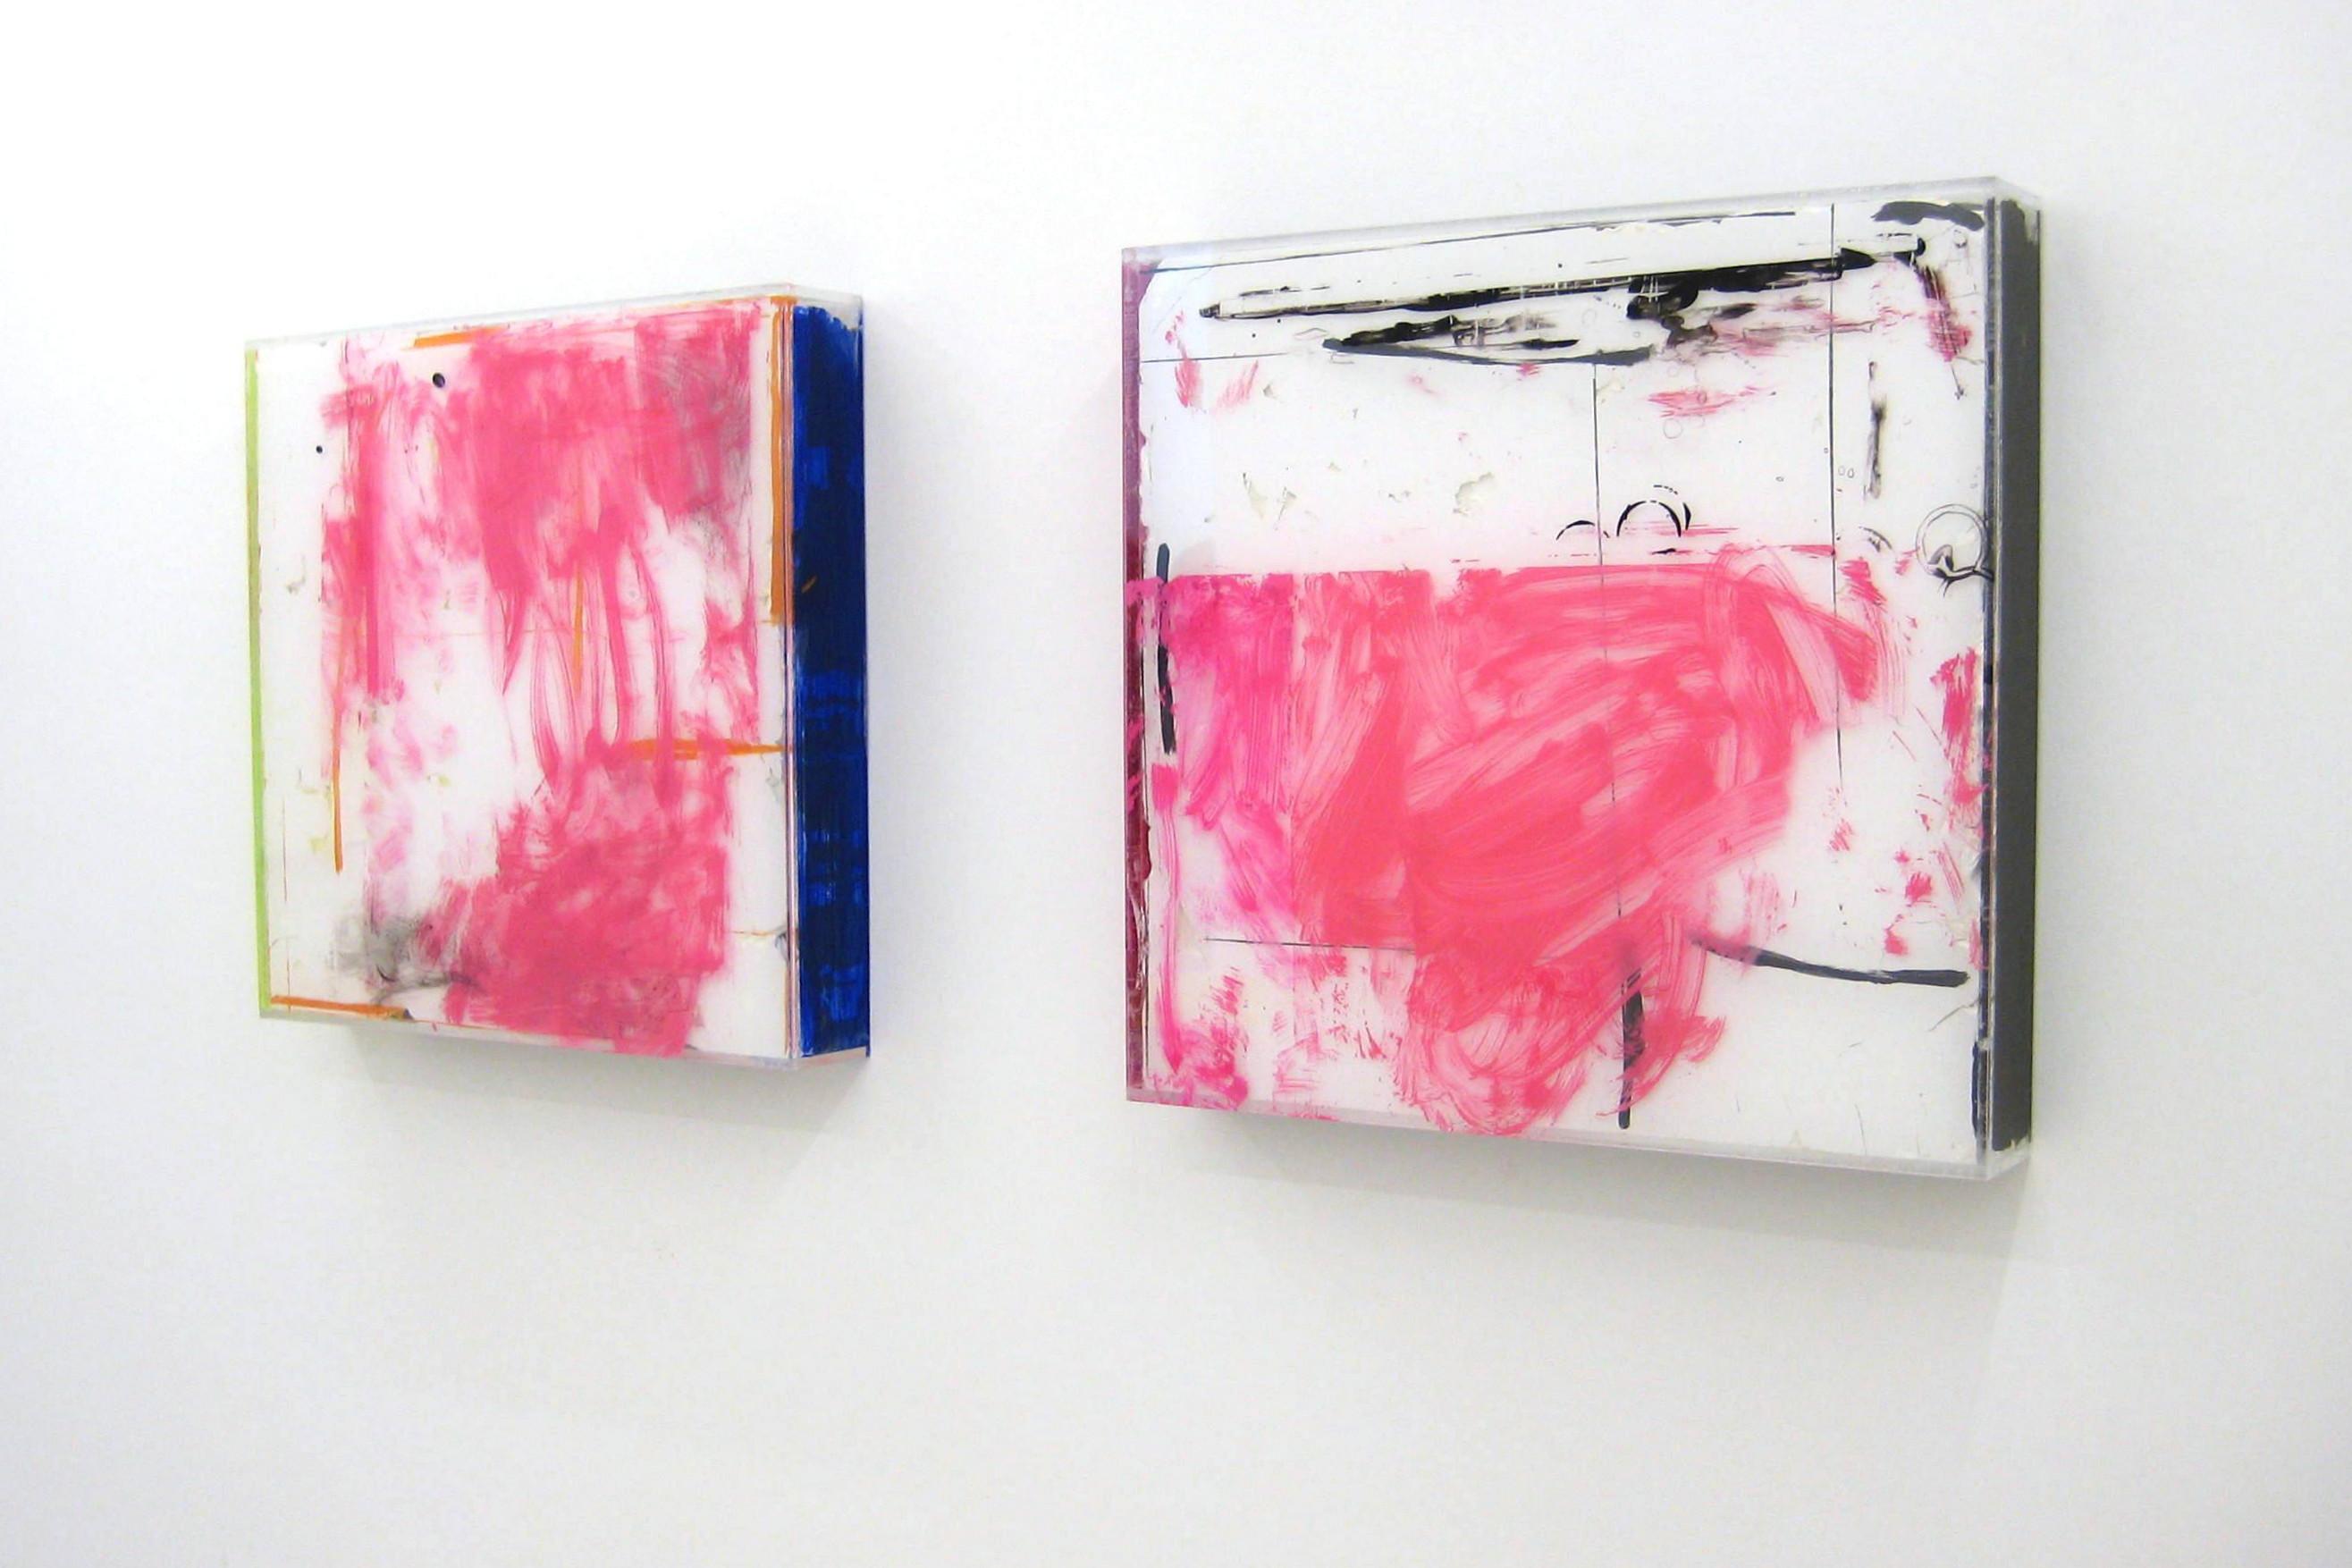 Coágulo Blanco-Pink 1 (2008) - Marion Thieme